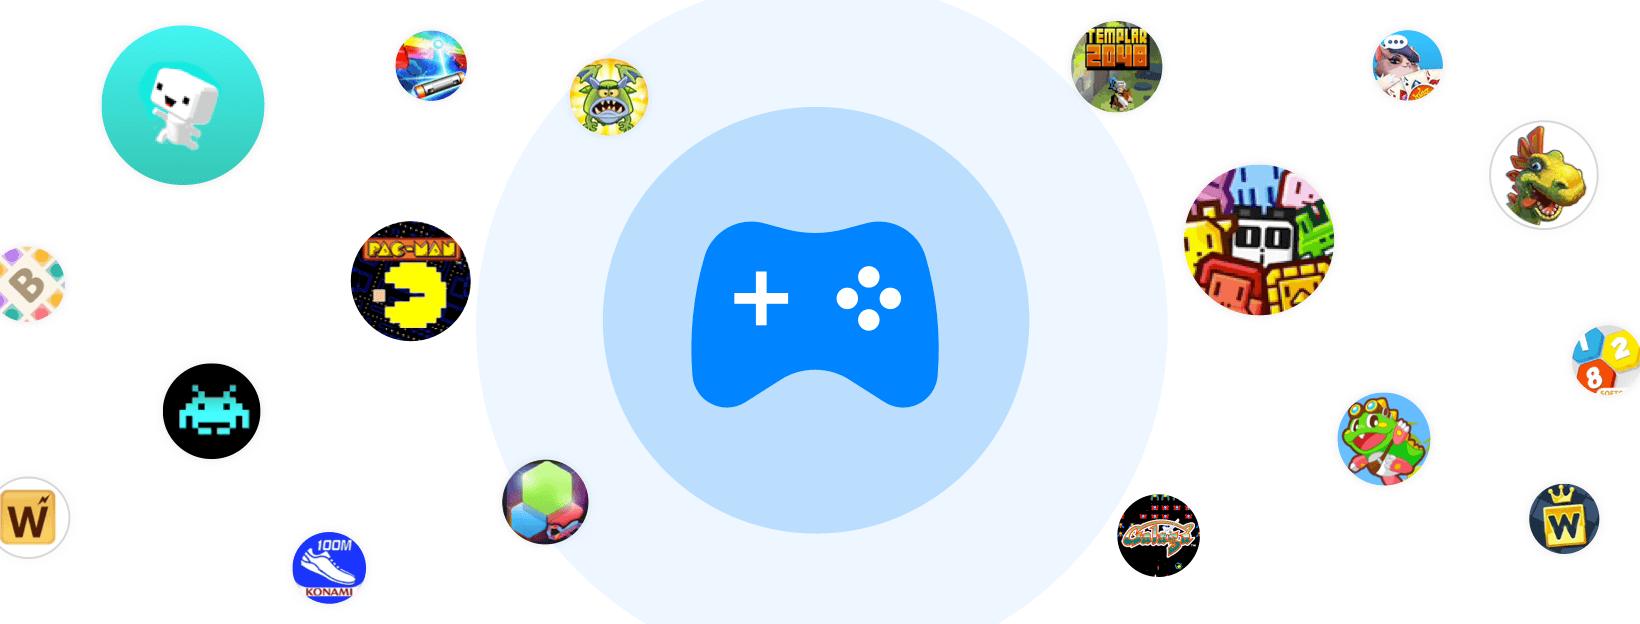 Instant Games : Facebook Messenger vient de lancer sa plateforme de jeux